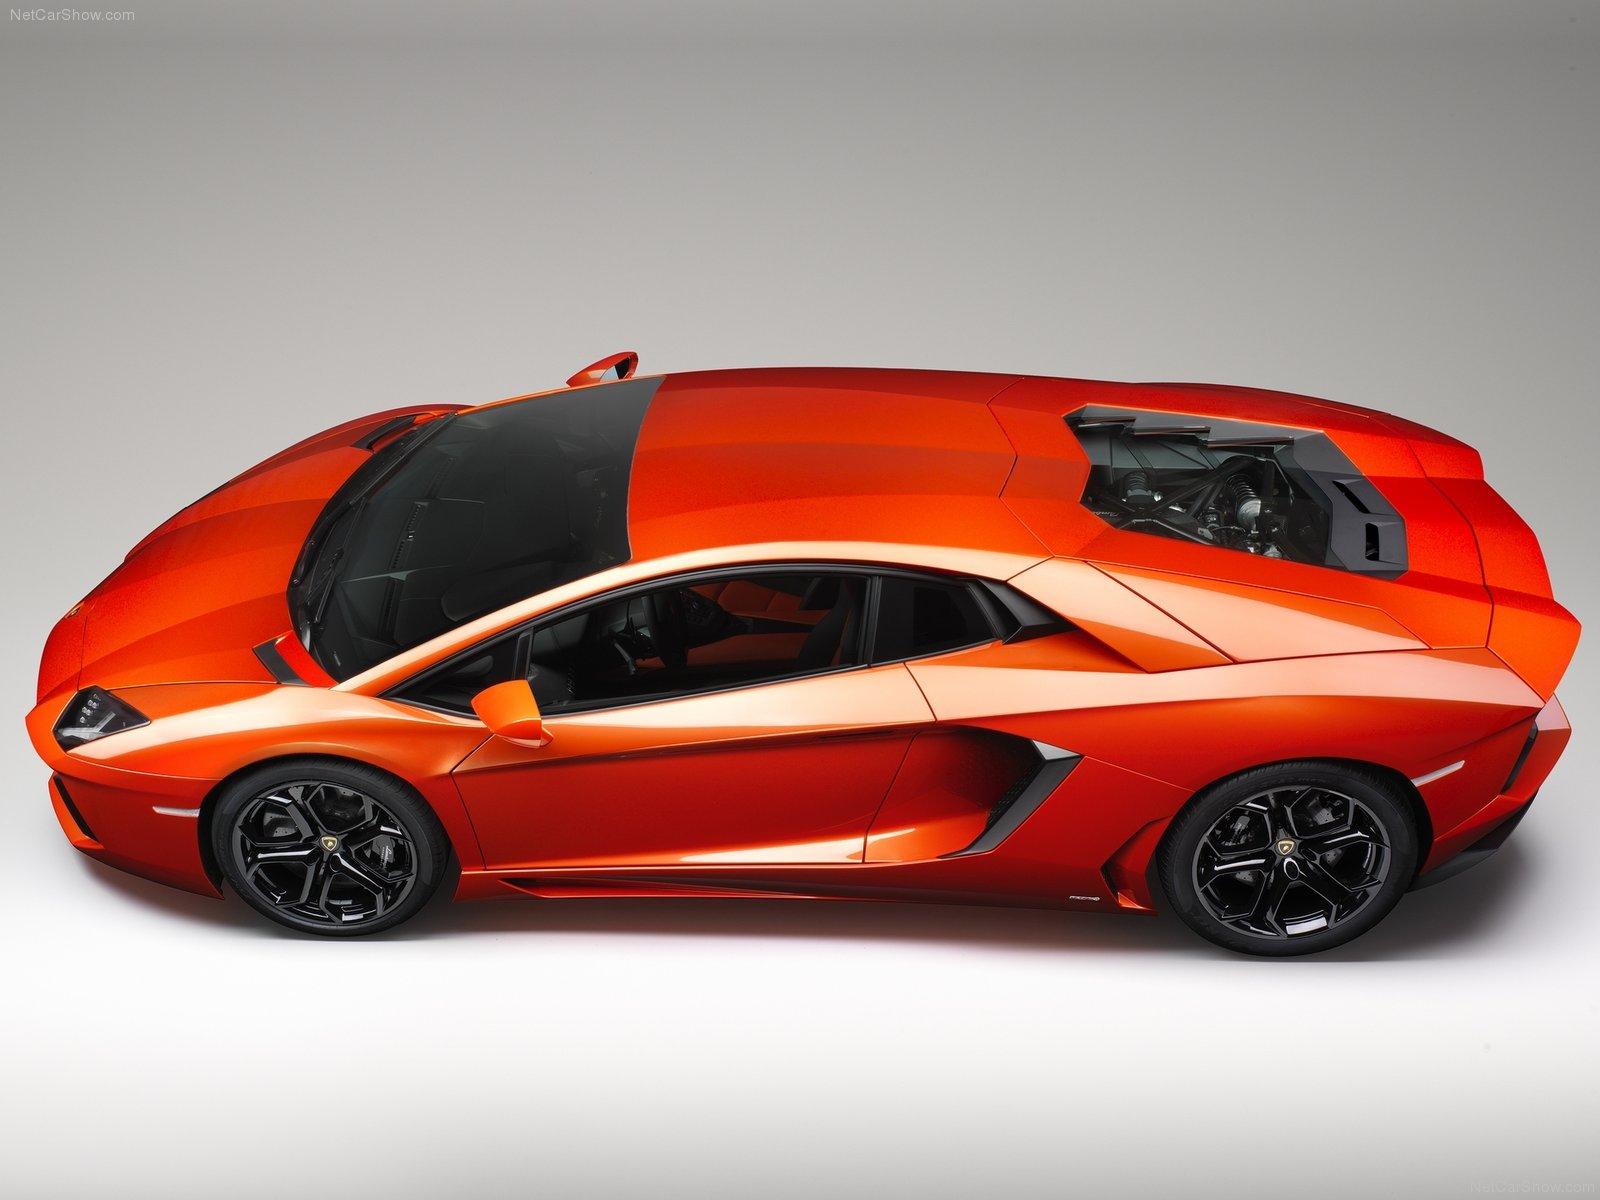 Lamborghini Aventador Lp700 4 Picture 78522